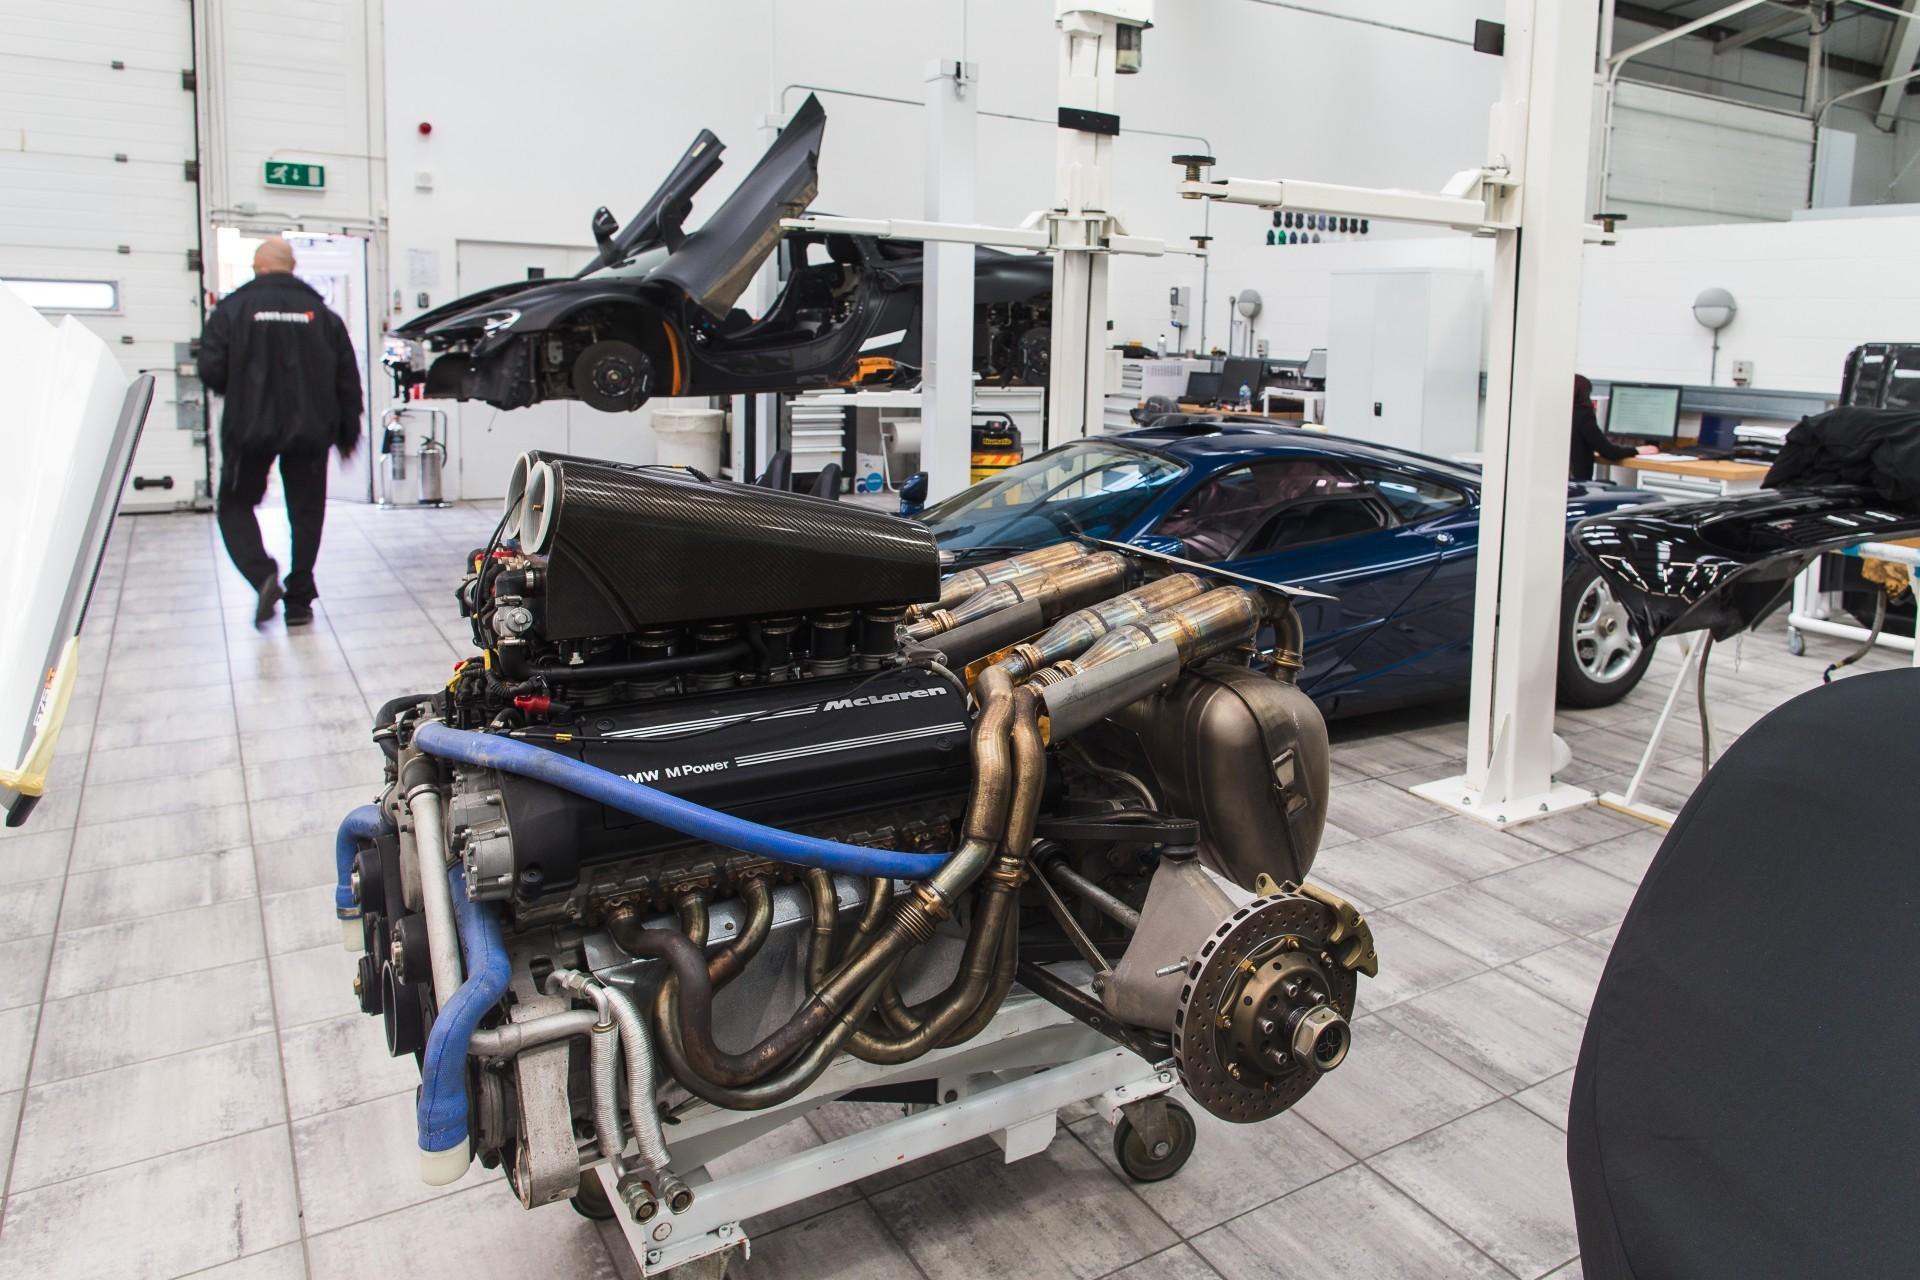 Древний ноутбук Compaq — единственный ключ к суперкару McLaren F1 - 4